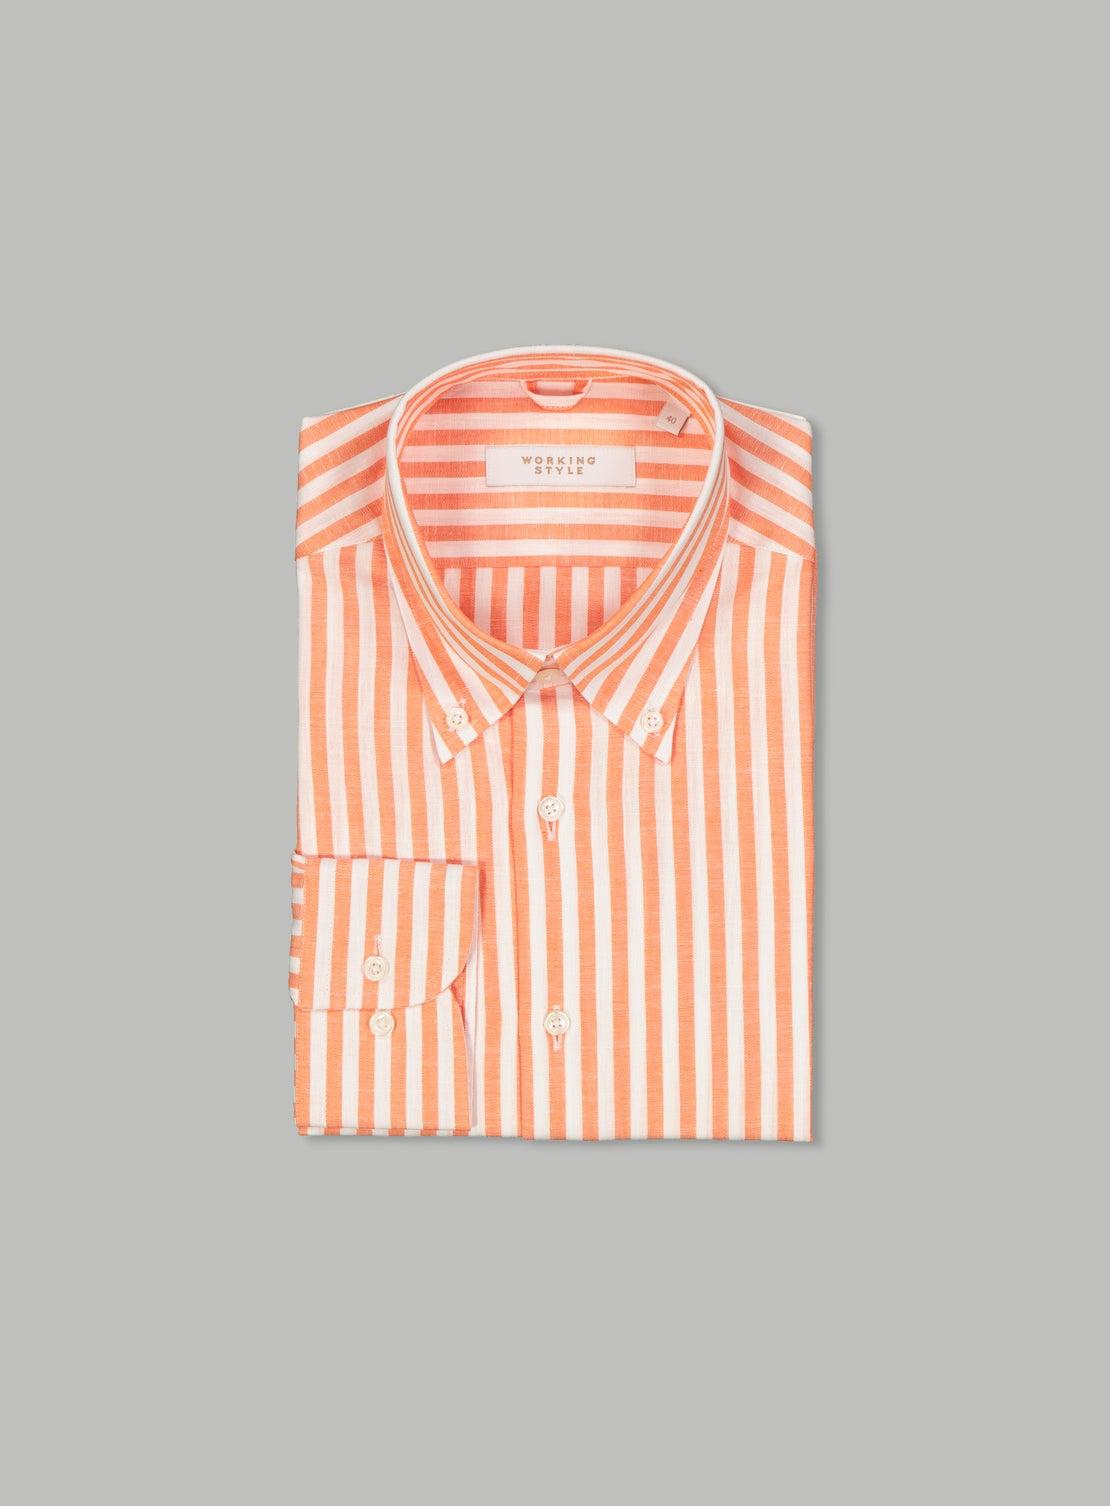 Bernd Orange Shirt